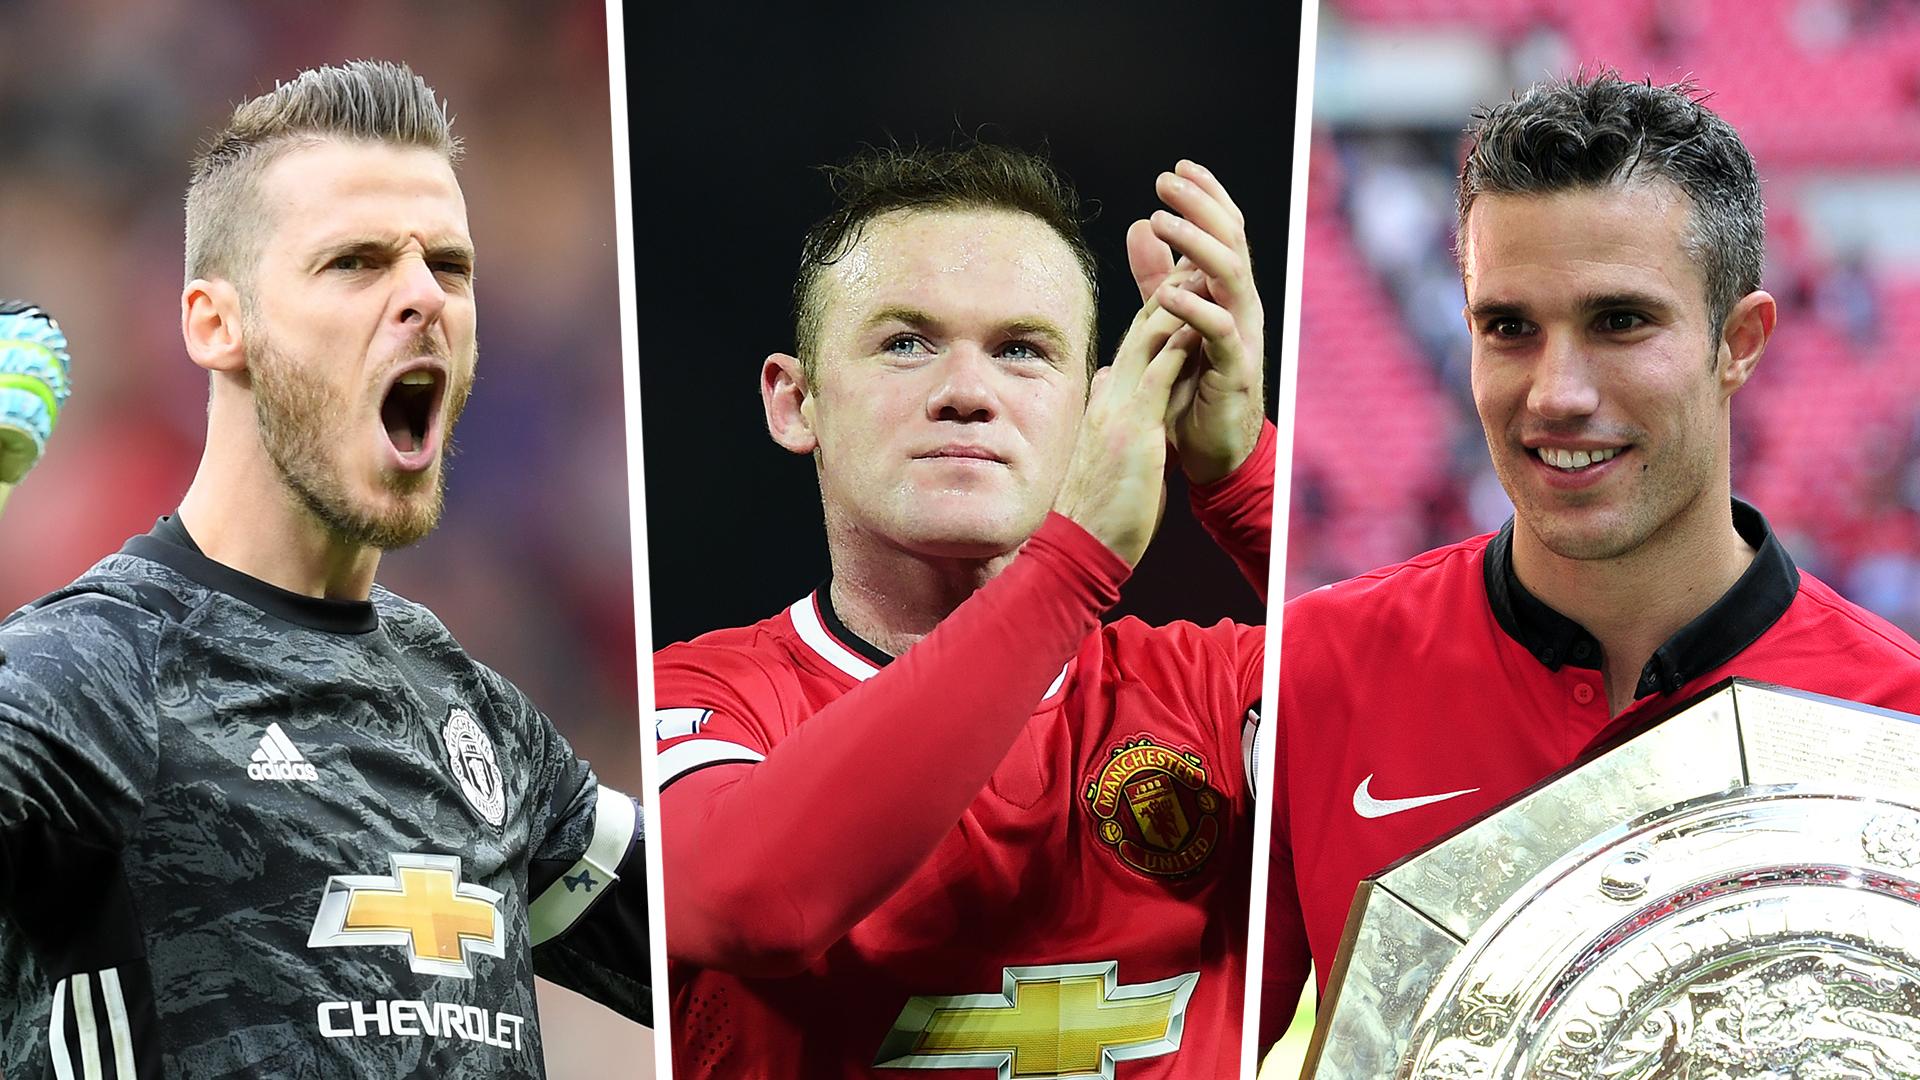 Man Utd Team of the Decade: Rooney Van Persie lead the line